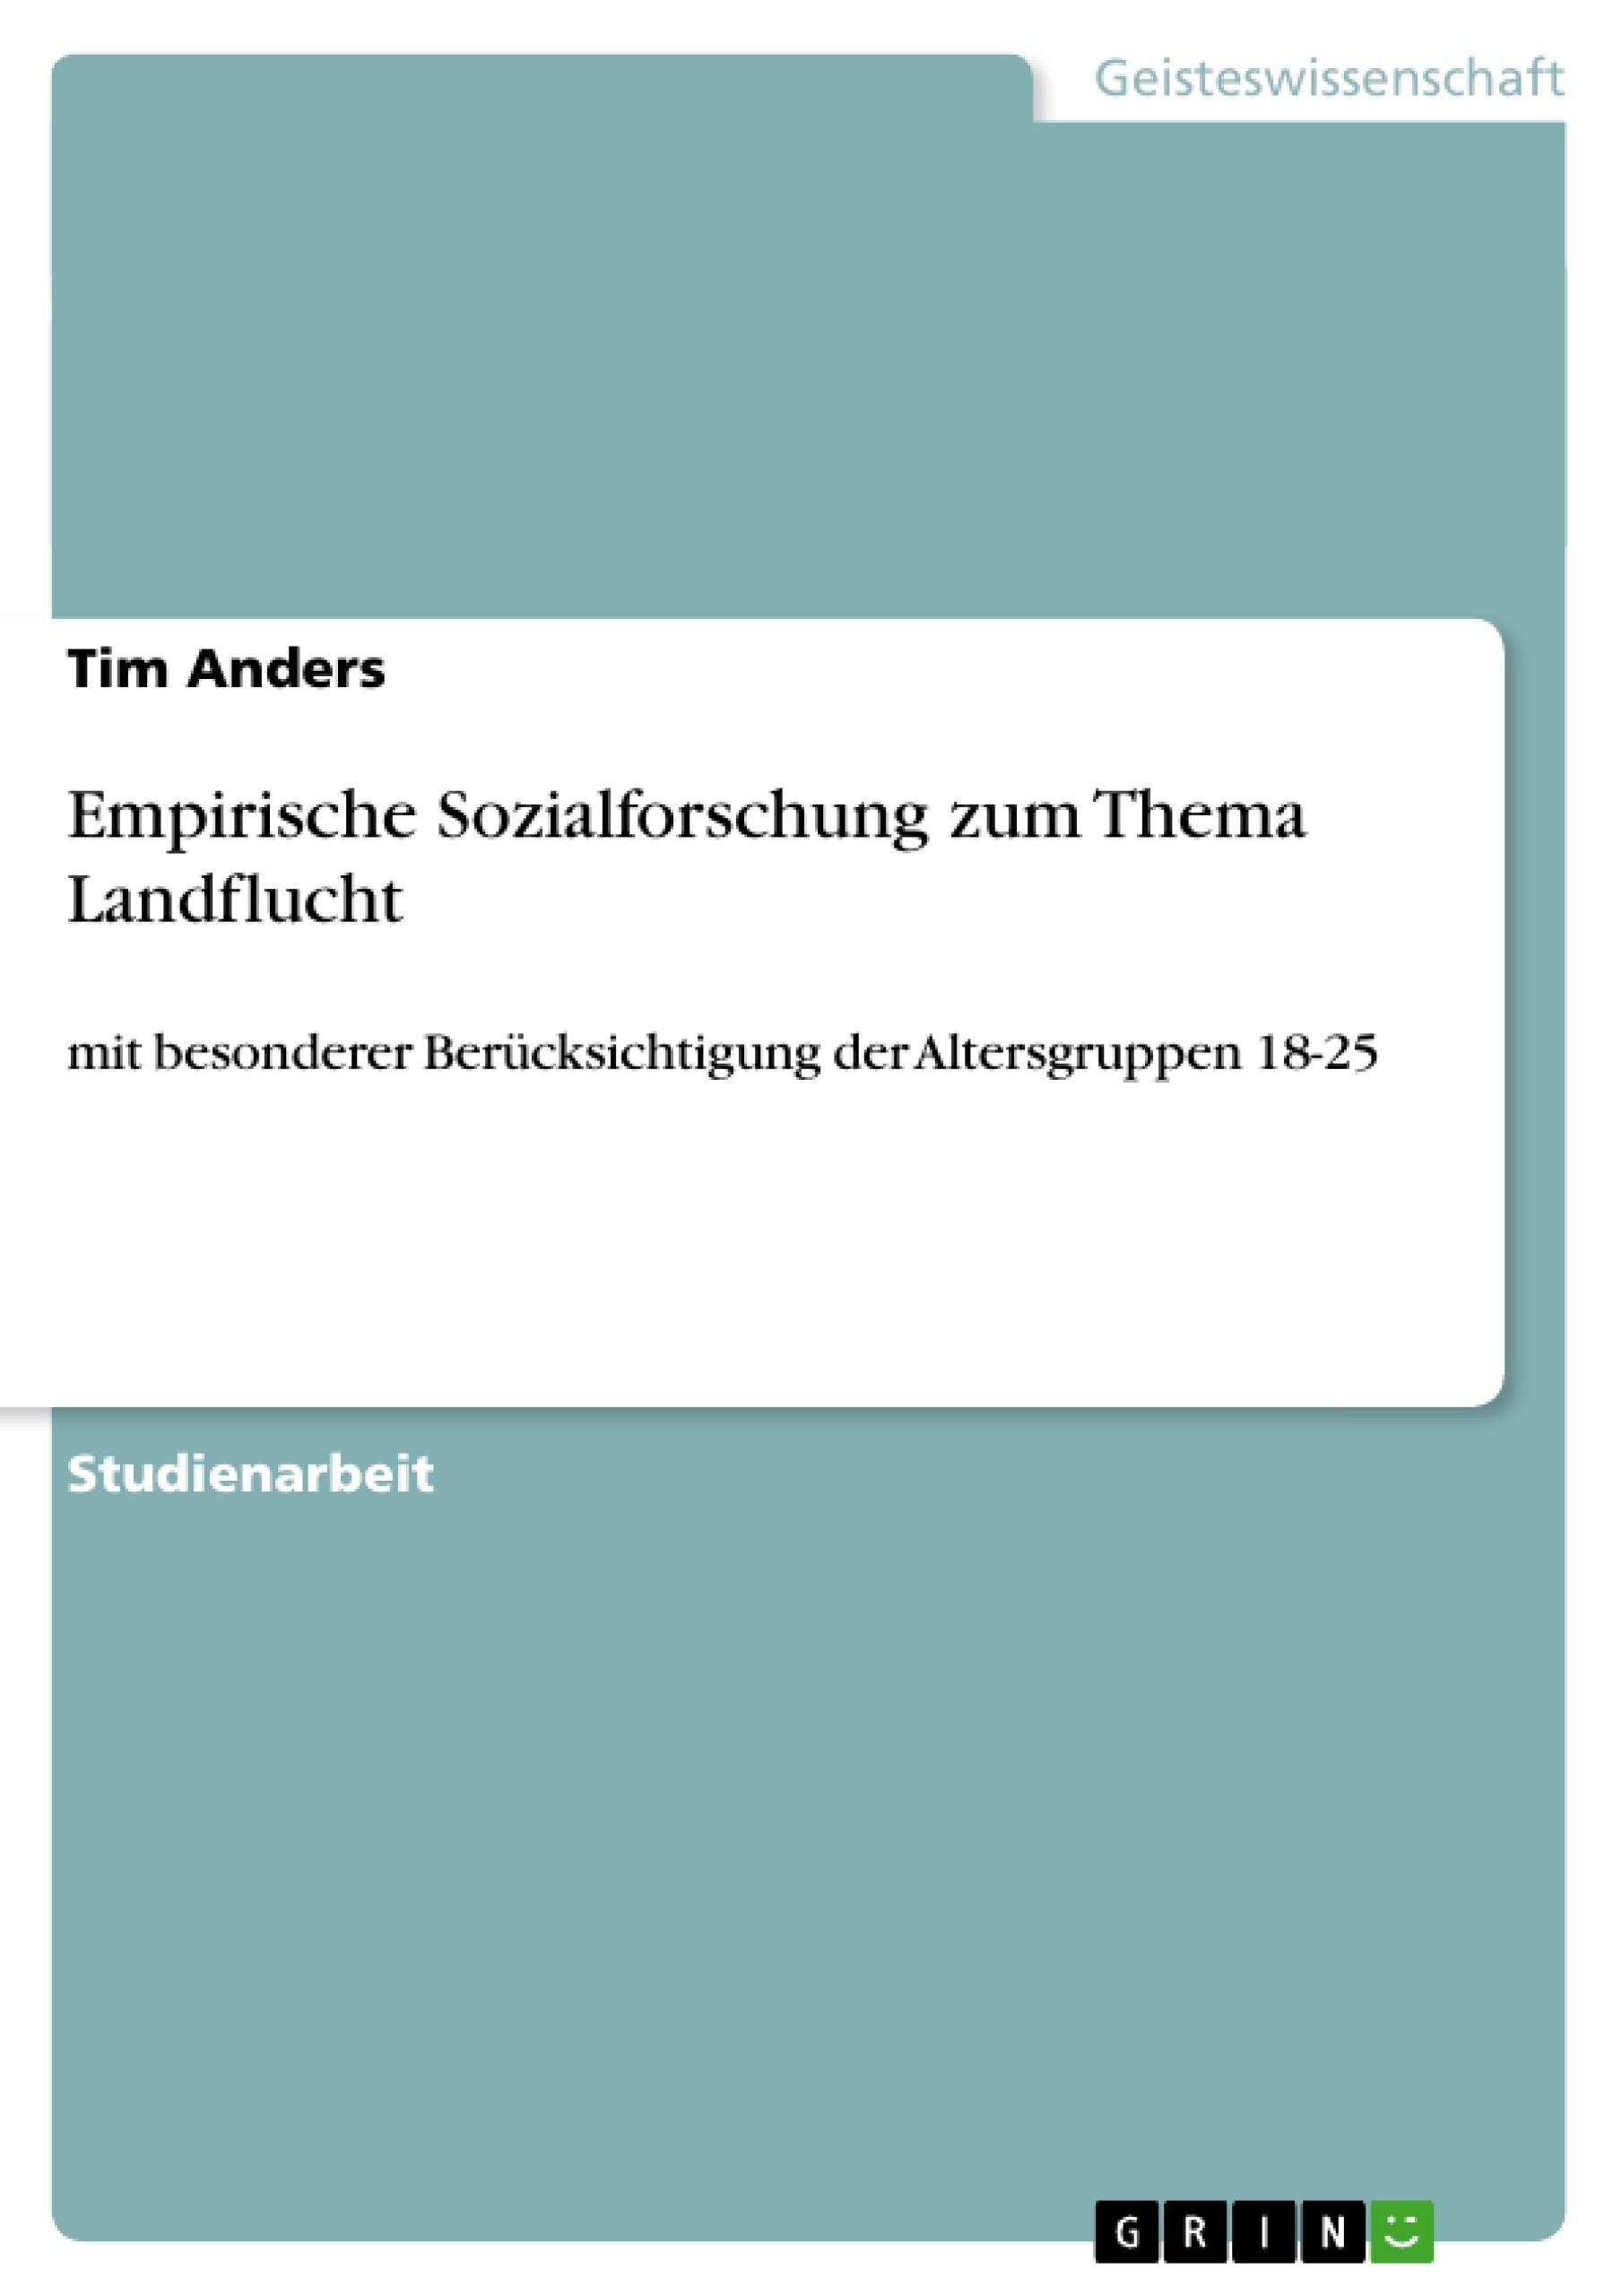 Titel: Empirische Sozialforschung zum Thema Landflucht